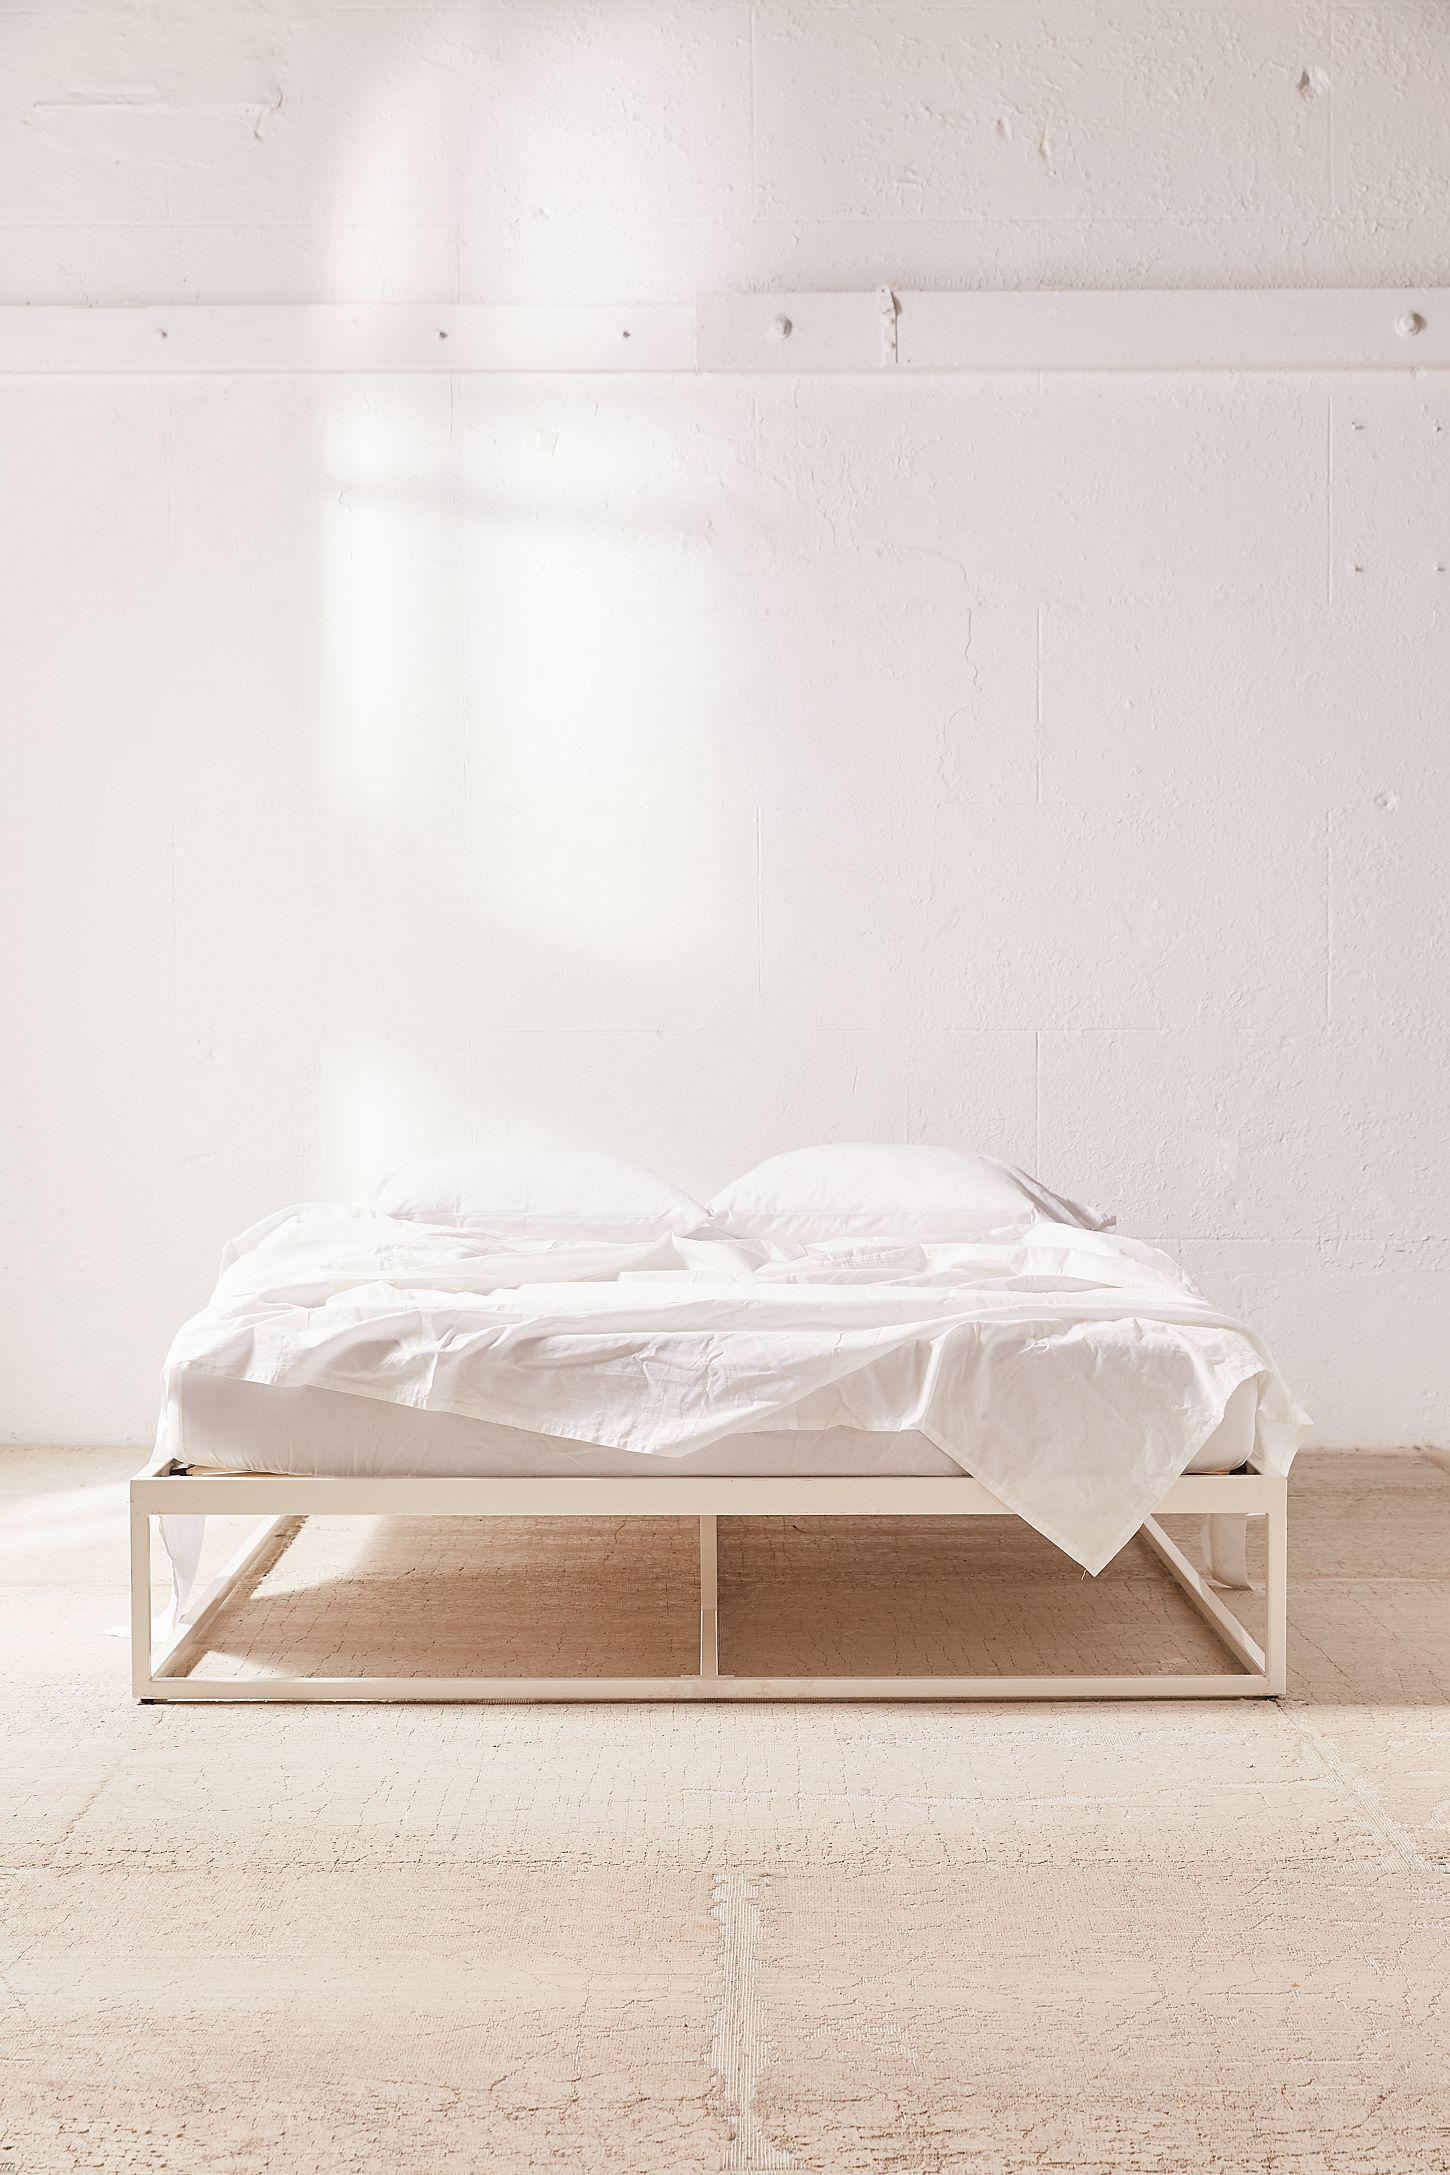 Minimal Platform Bed Frame In 2020 Furniture Design Platform Bed Frame Bedroom Furniture